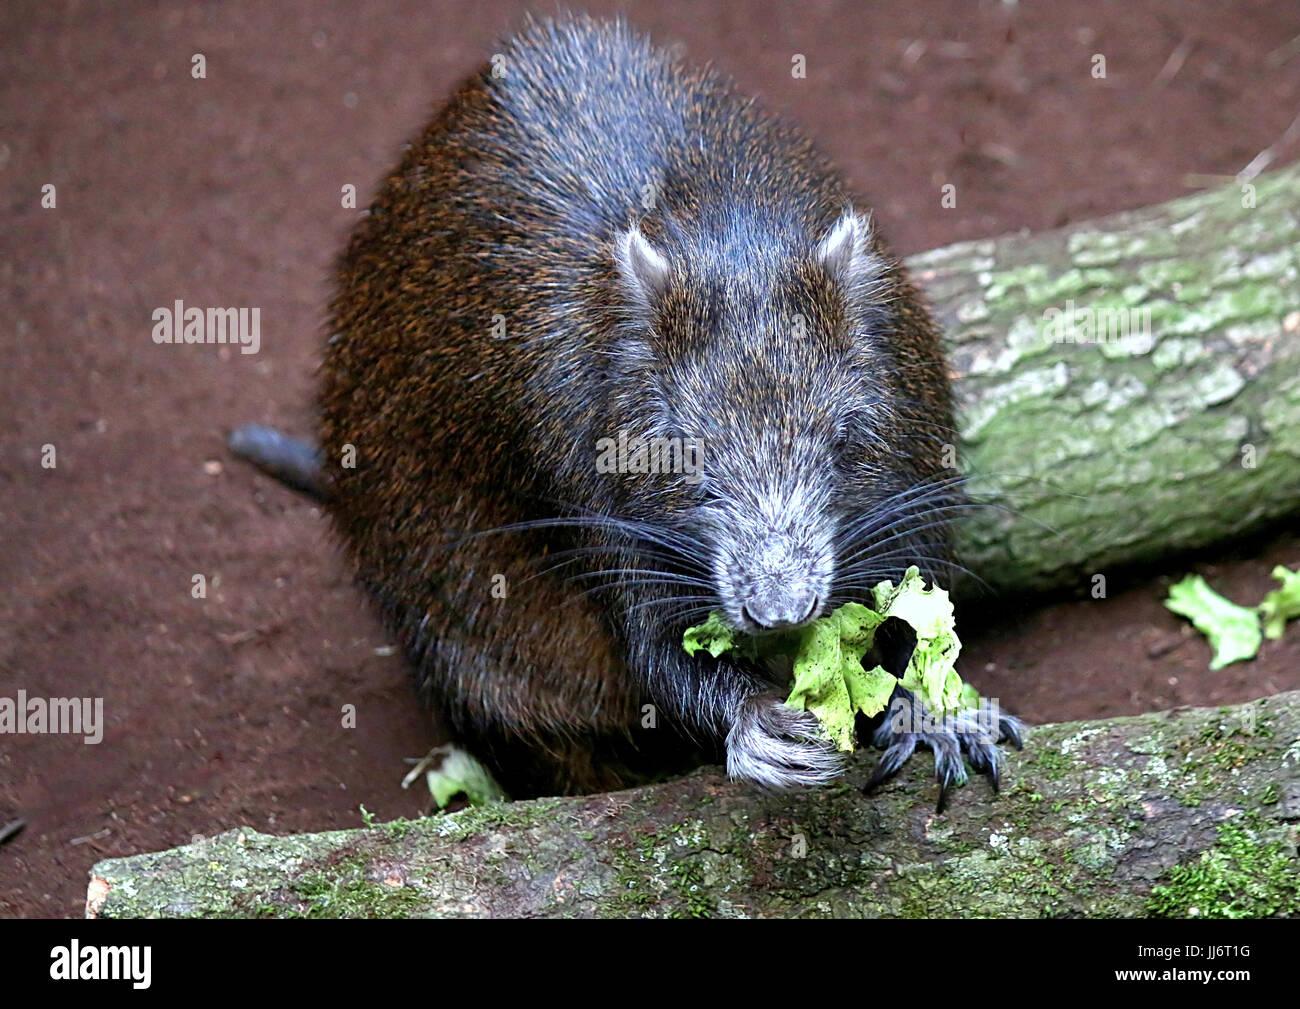 Kubanische oder Desmarest Baumratte (Capromys Pilorides) Fütterung, mit Vorderpfoten. Stockbild